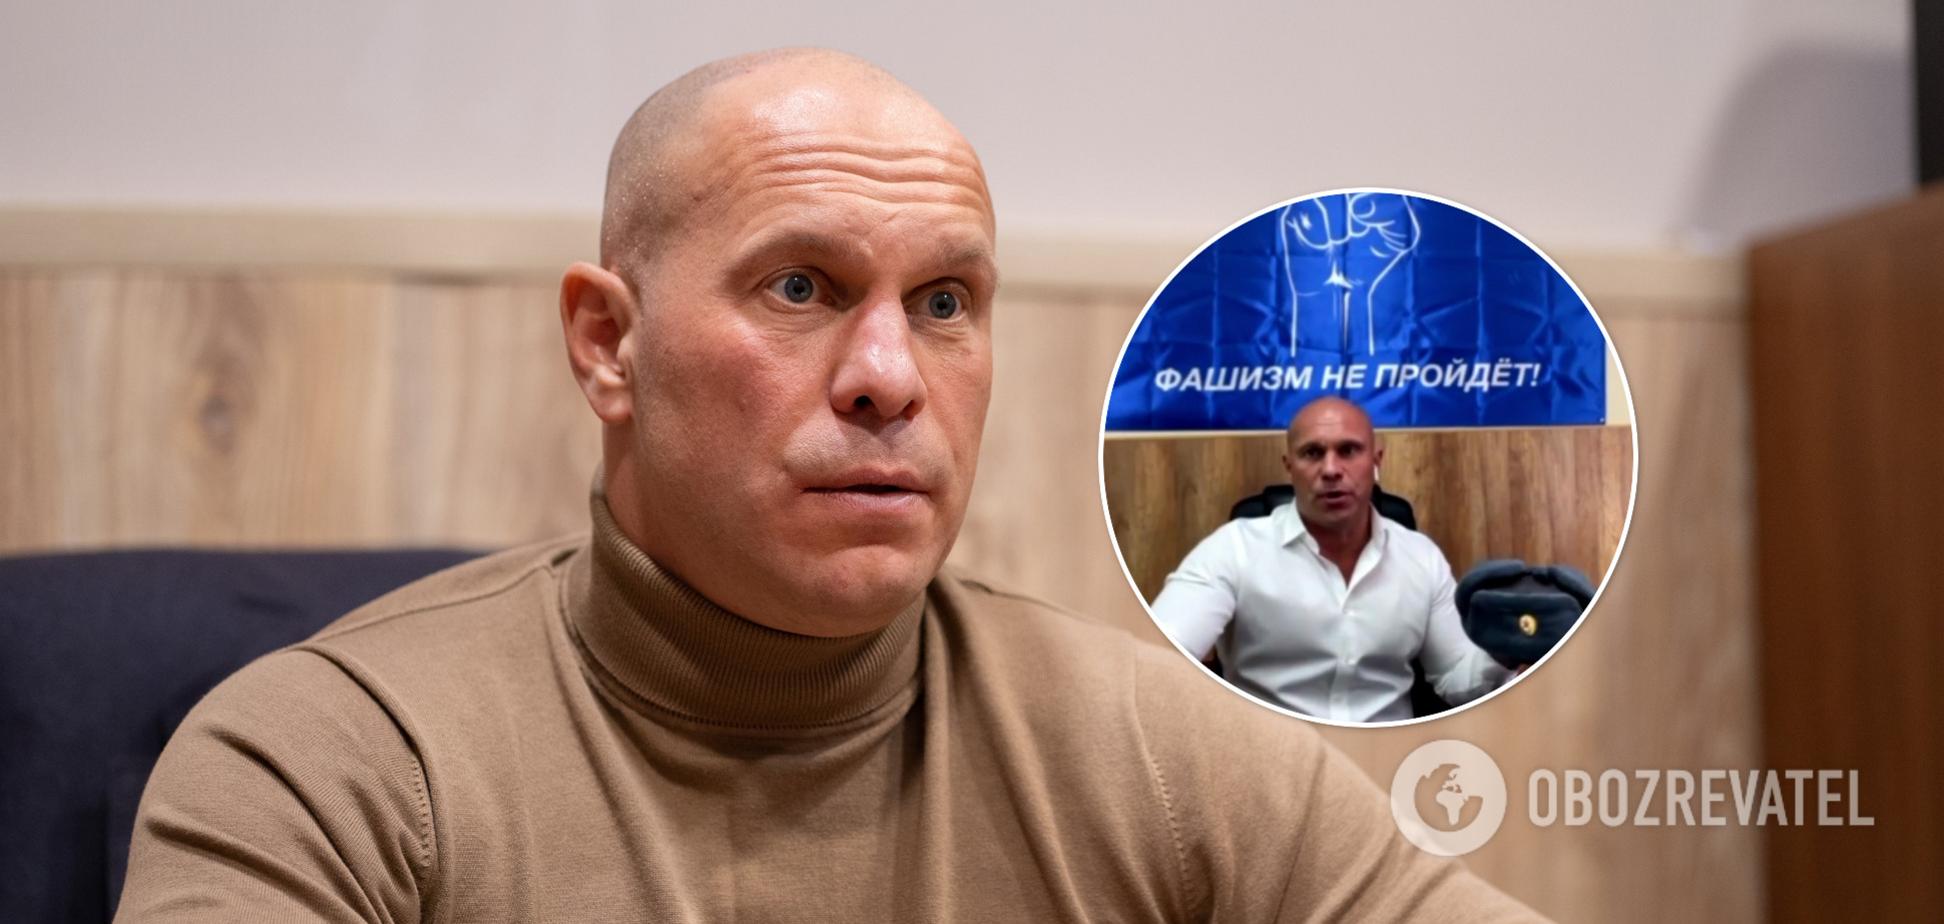 Кива поскаржився пропагандистам РФ, що йому хочуть дати до 10 років в'язниці. Відео